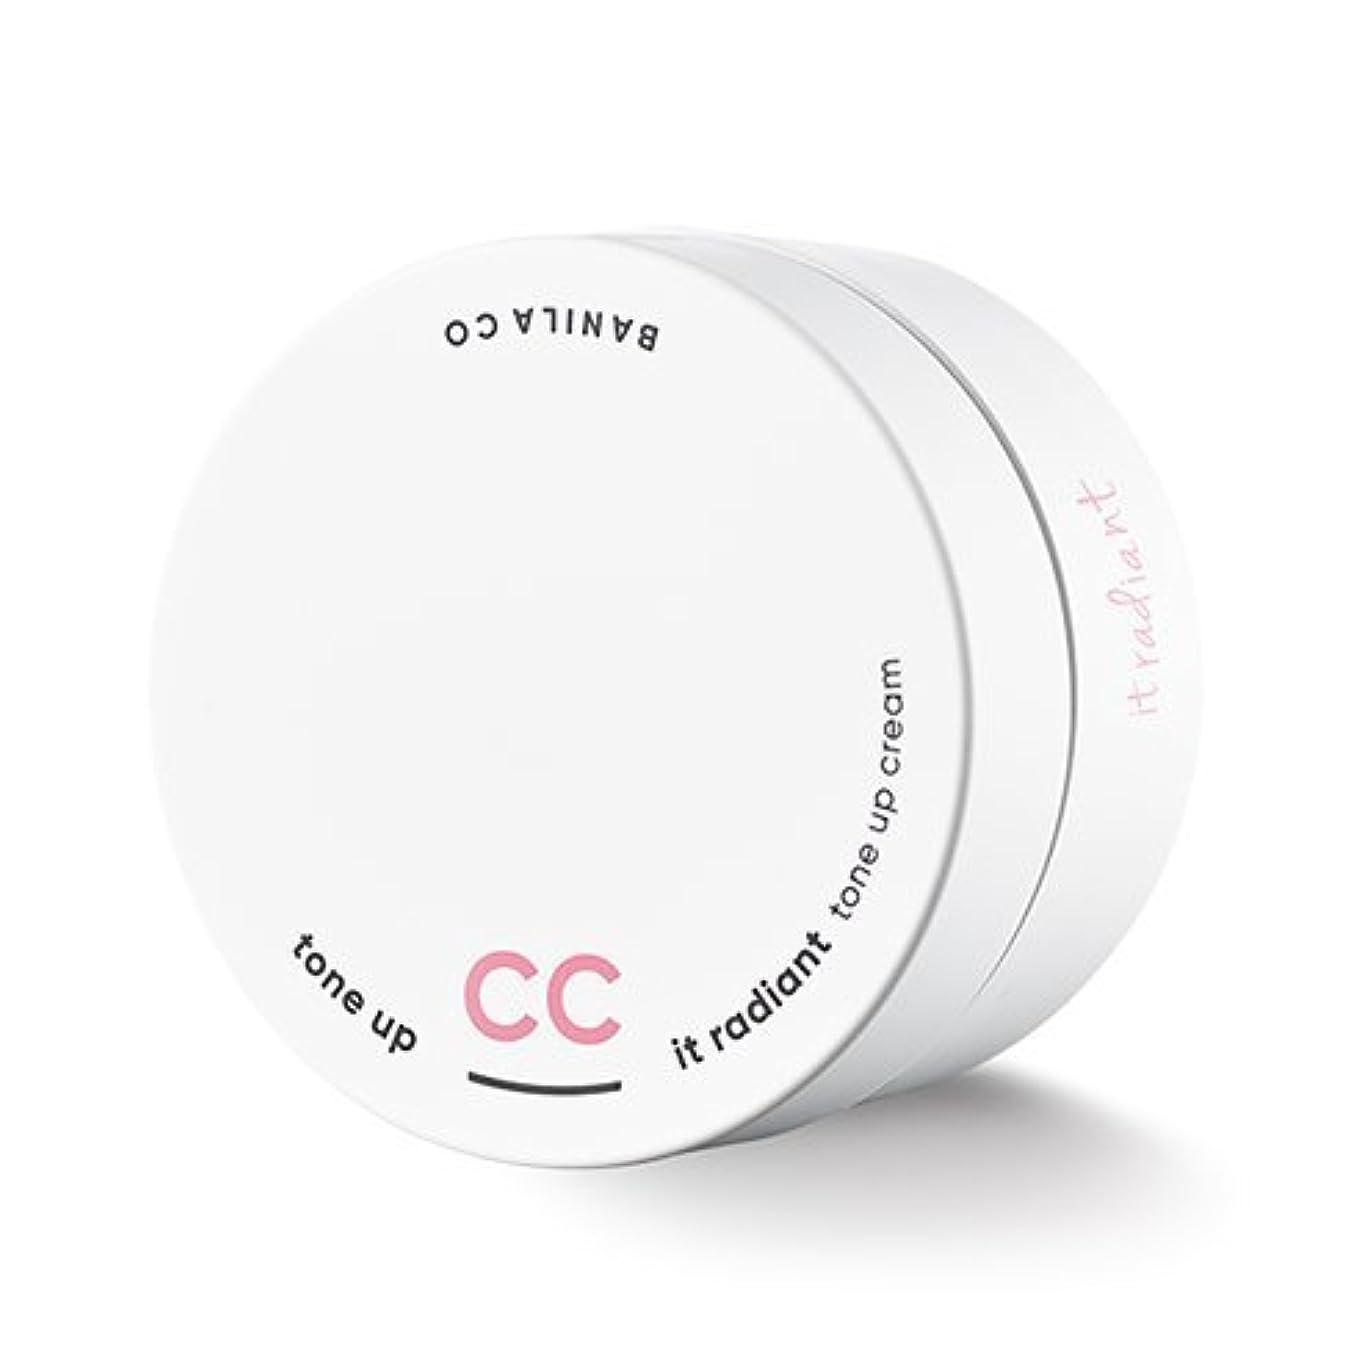 ところで強化シロクマBANILA CO It Radiant CC Tone Up Cream 50ml/バニラコ イット ラディアント CC トーンアップ クリーム 50ml [並行輸入品]